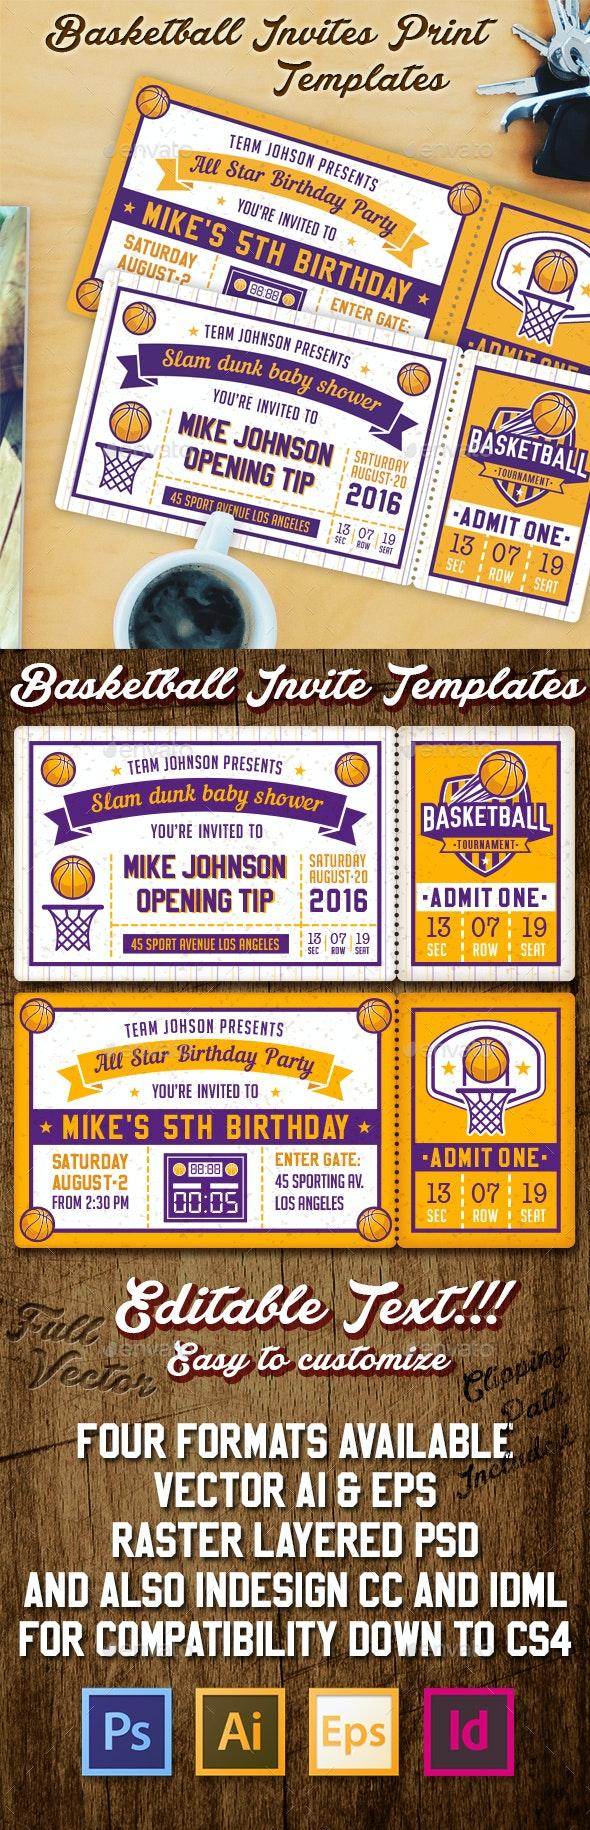 Basketball Invite Templates - Invitations Cards & Invites